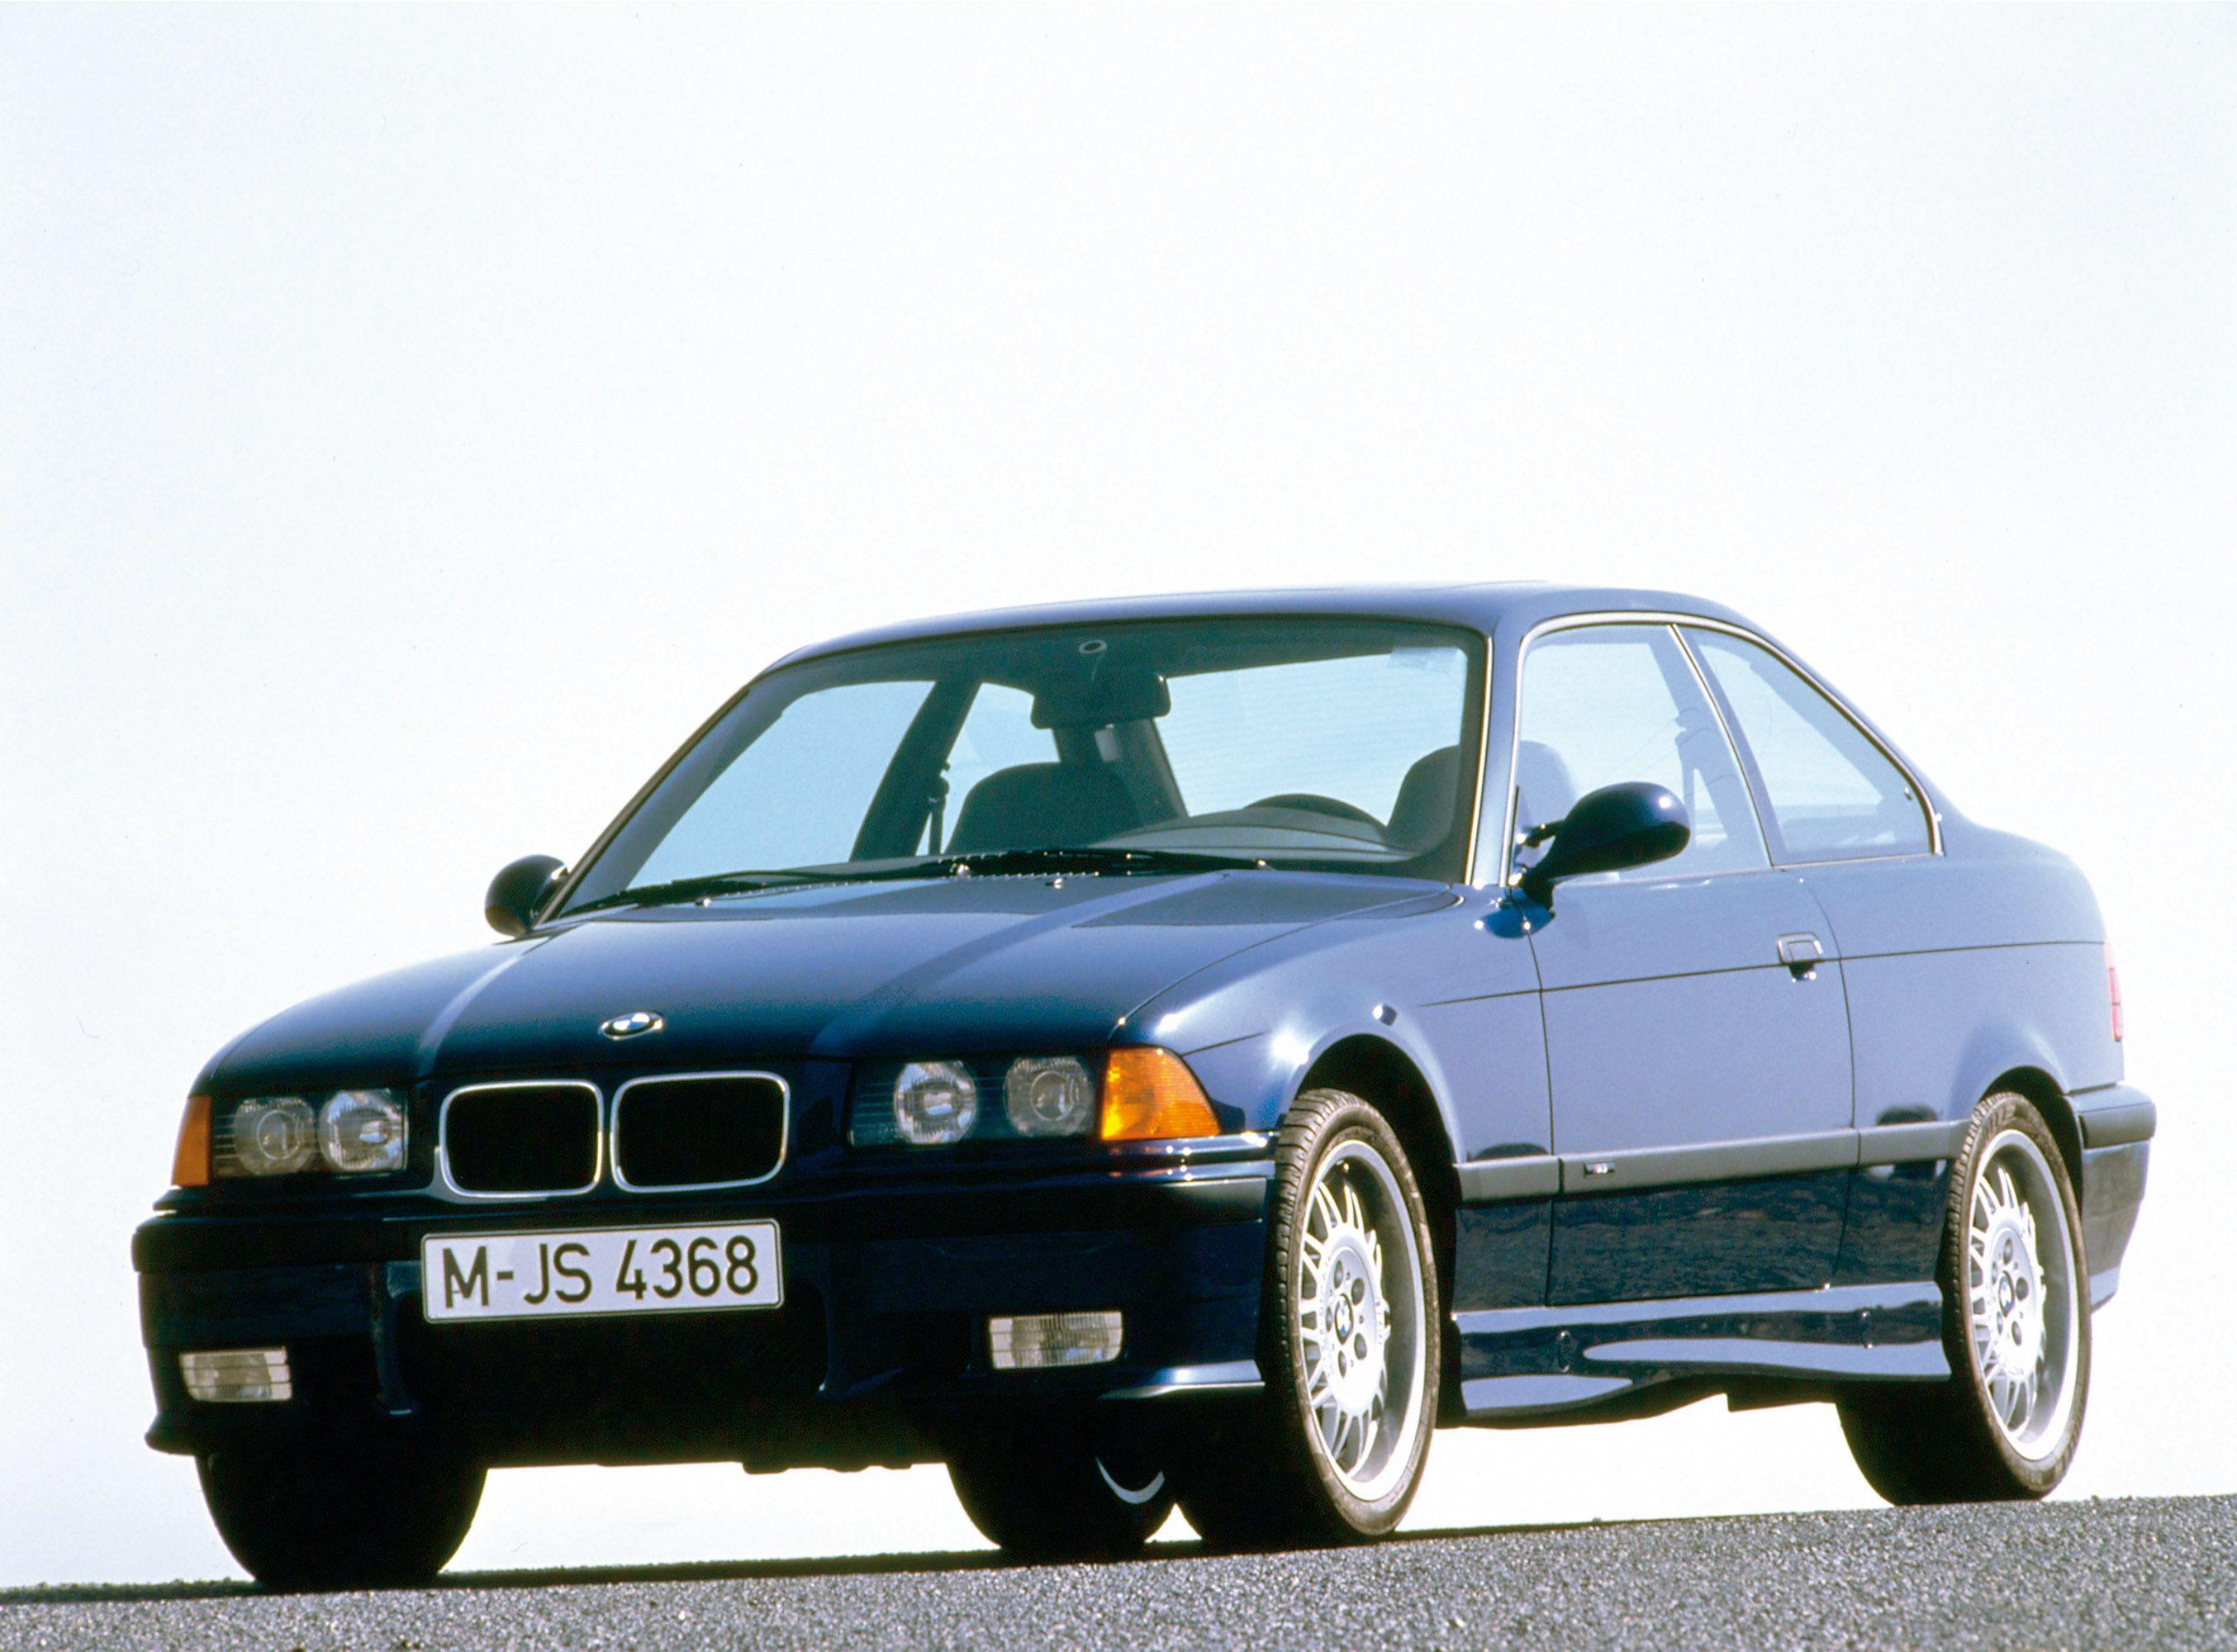 1992 bmw m3 cheap sports cars bmw m3 coupe bmw cheap sports cars bmw m3 coupe bmw